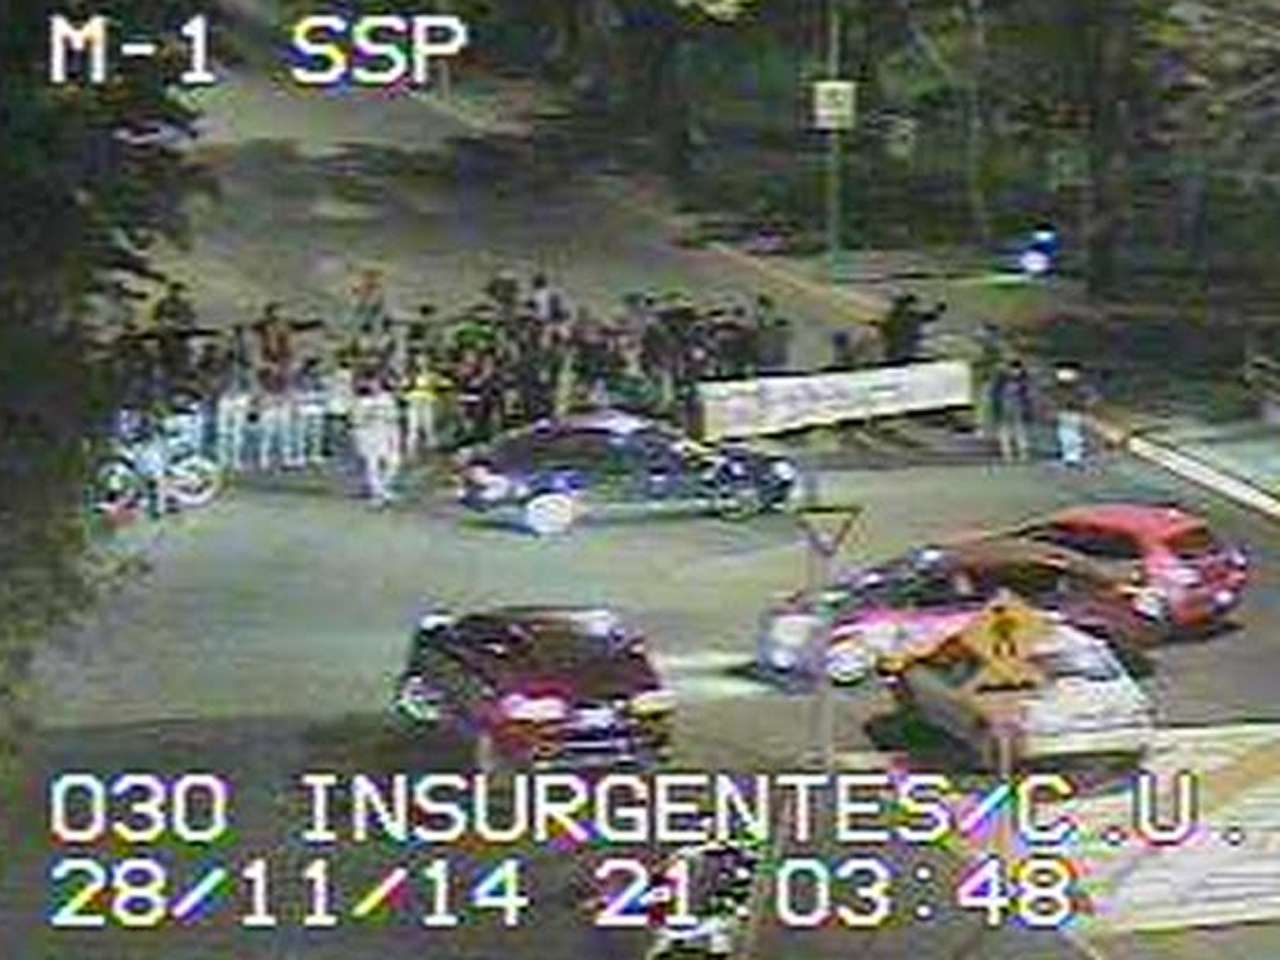 Tras la detención del activista de #YoSoy132 Sandino Bucio Dovalí en las inmediaciones de Ciudad Universitaria, estudiantes de la Facultad de Filosofía y Letras de la UNAM bloquean Insurgentes Sur. Foto: @OVIALCDMX